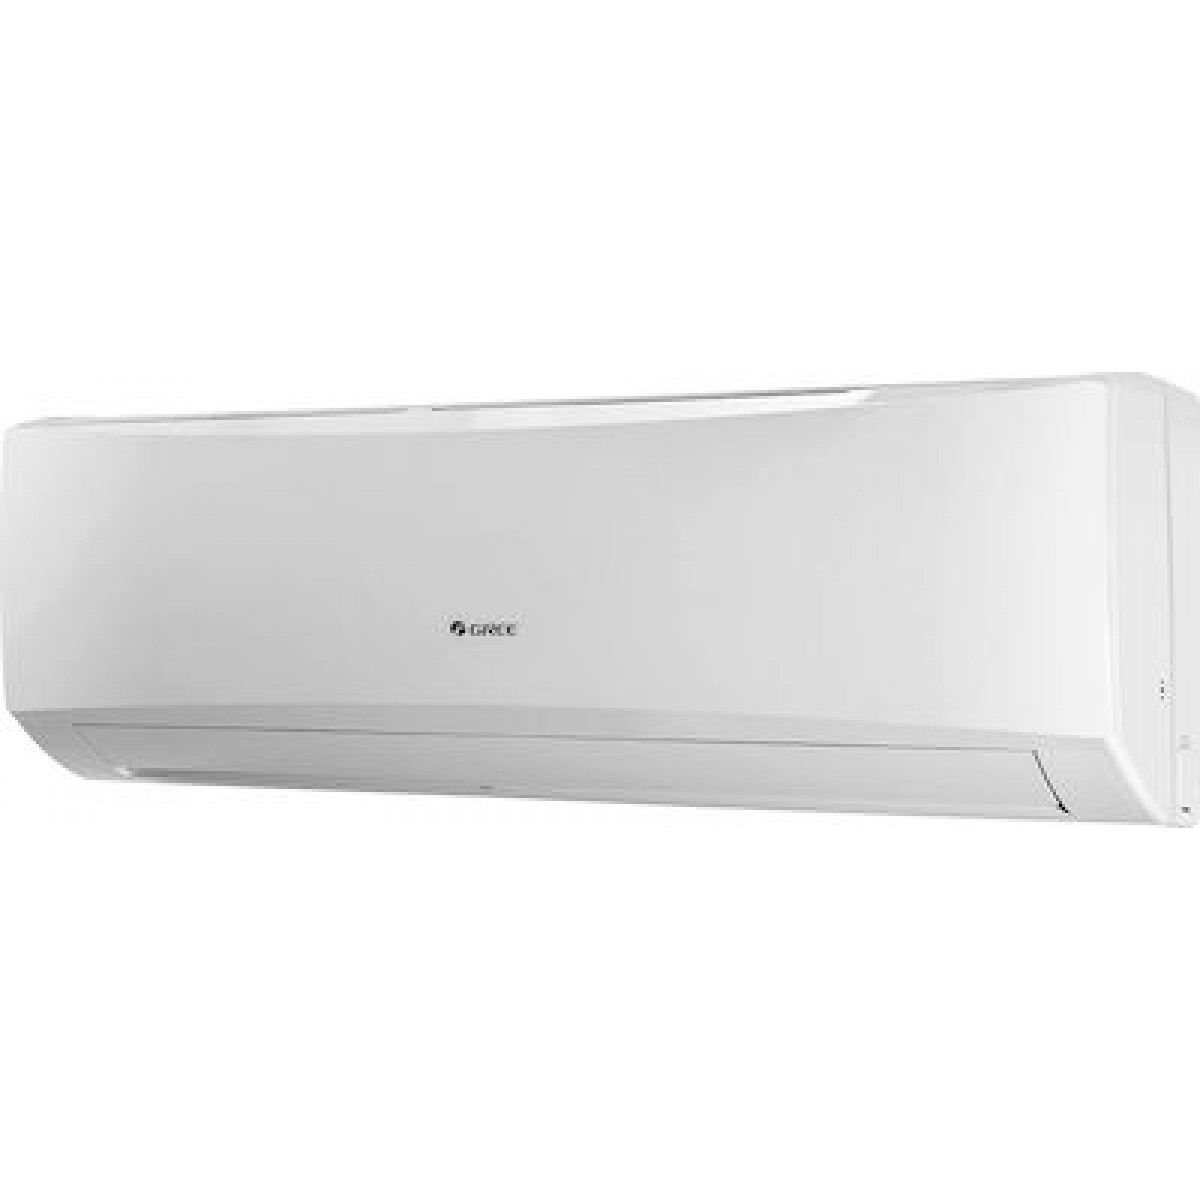 Κλιματιστικό Gree Lomo GRS 181 EI/JLM1-N3 Inverter 18.000 Btu A++/A+++ R32 Wi-Fi Κλιματιστικά Inverter